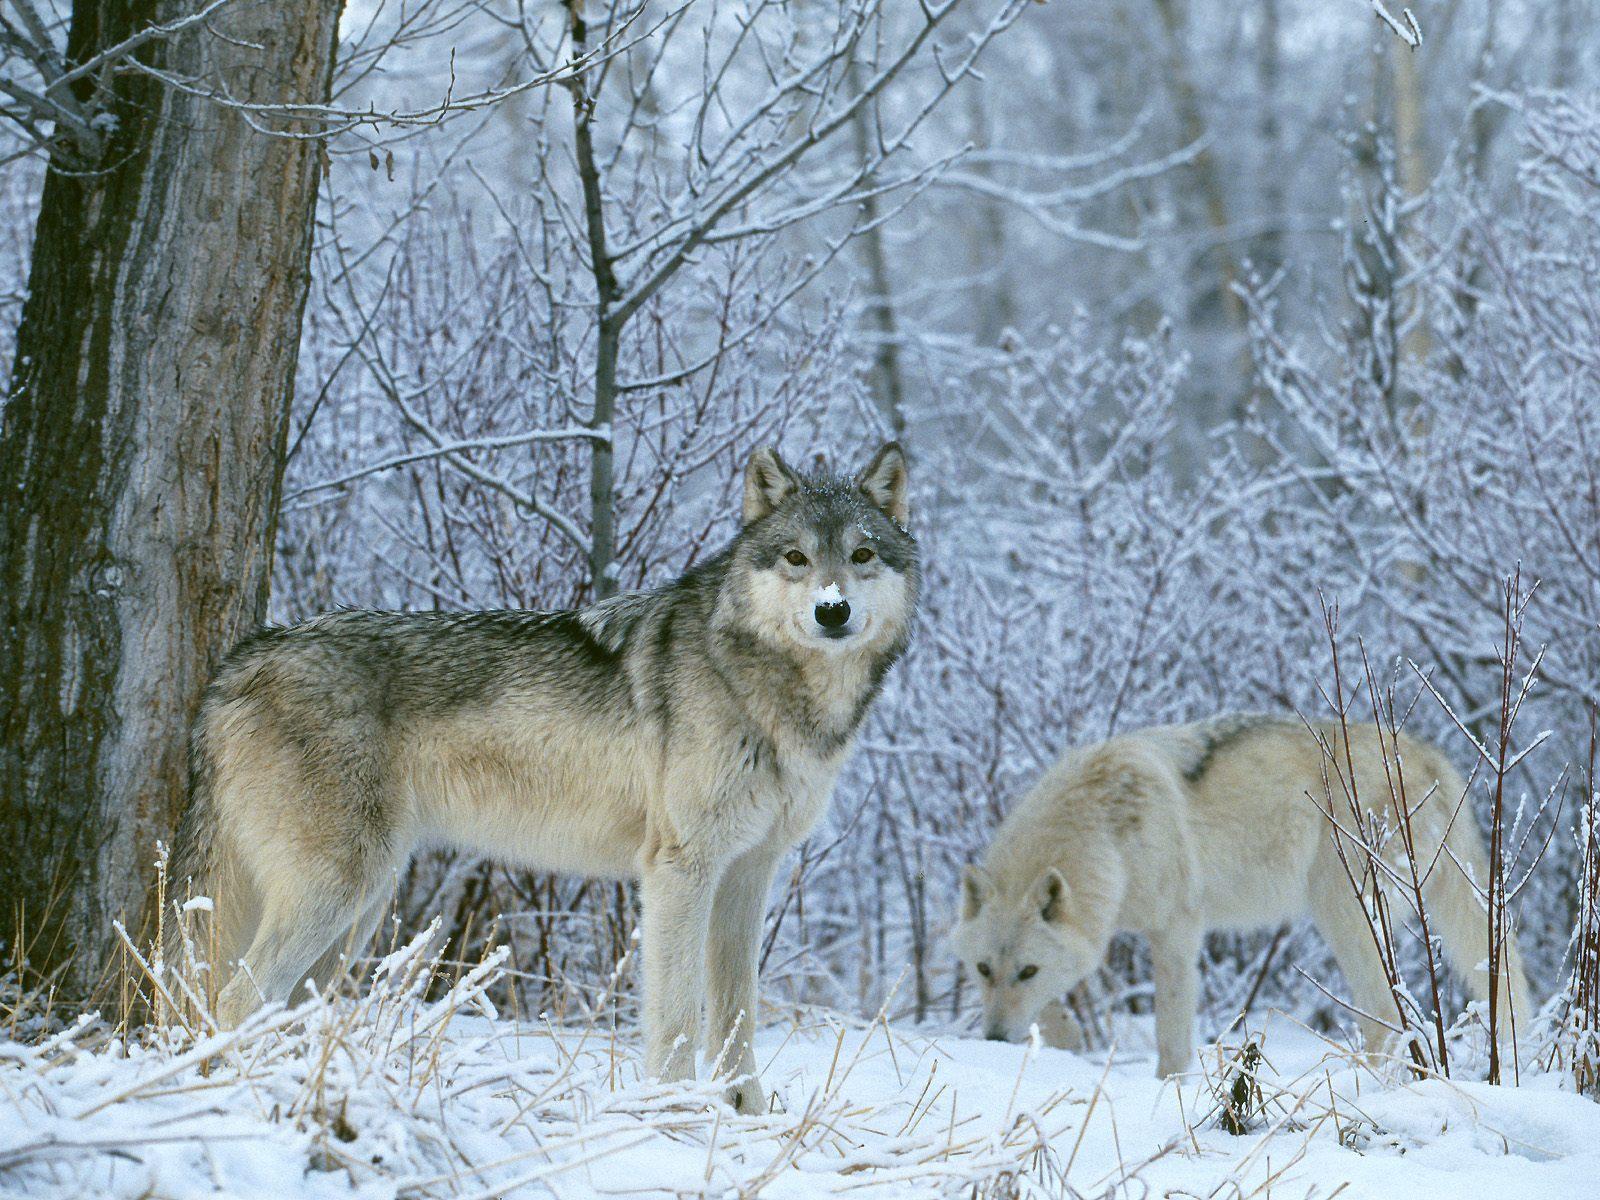 целом, значение волк в зимнем лесу фото видовой состав сравнительно